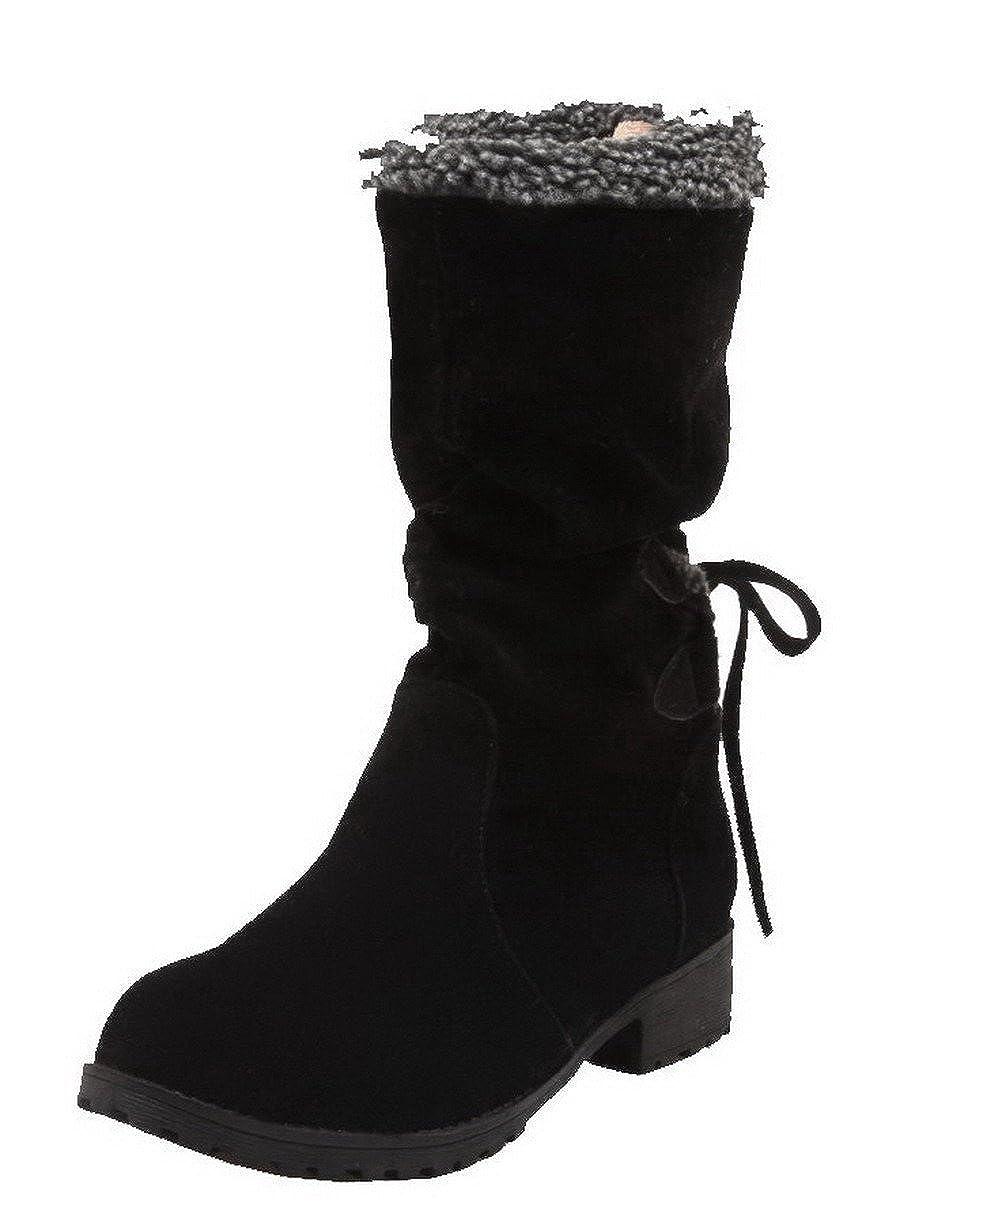 AgeeMi Mitte-Spitze Schuhes Damen Ziehen auf Rein Niedriger Absatz Mitte-Spitze AgeeMi Stiefel Schwarz fe6964